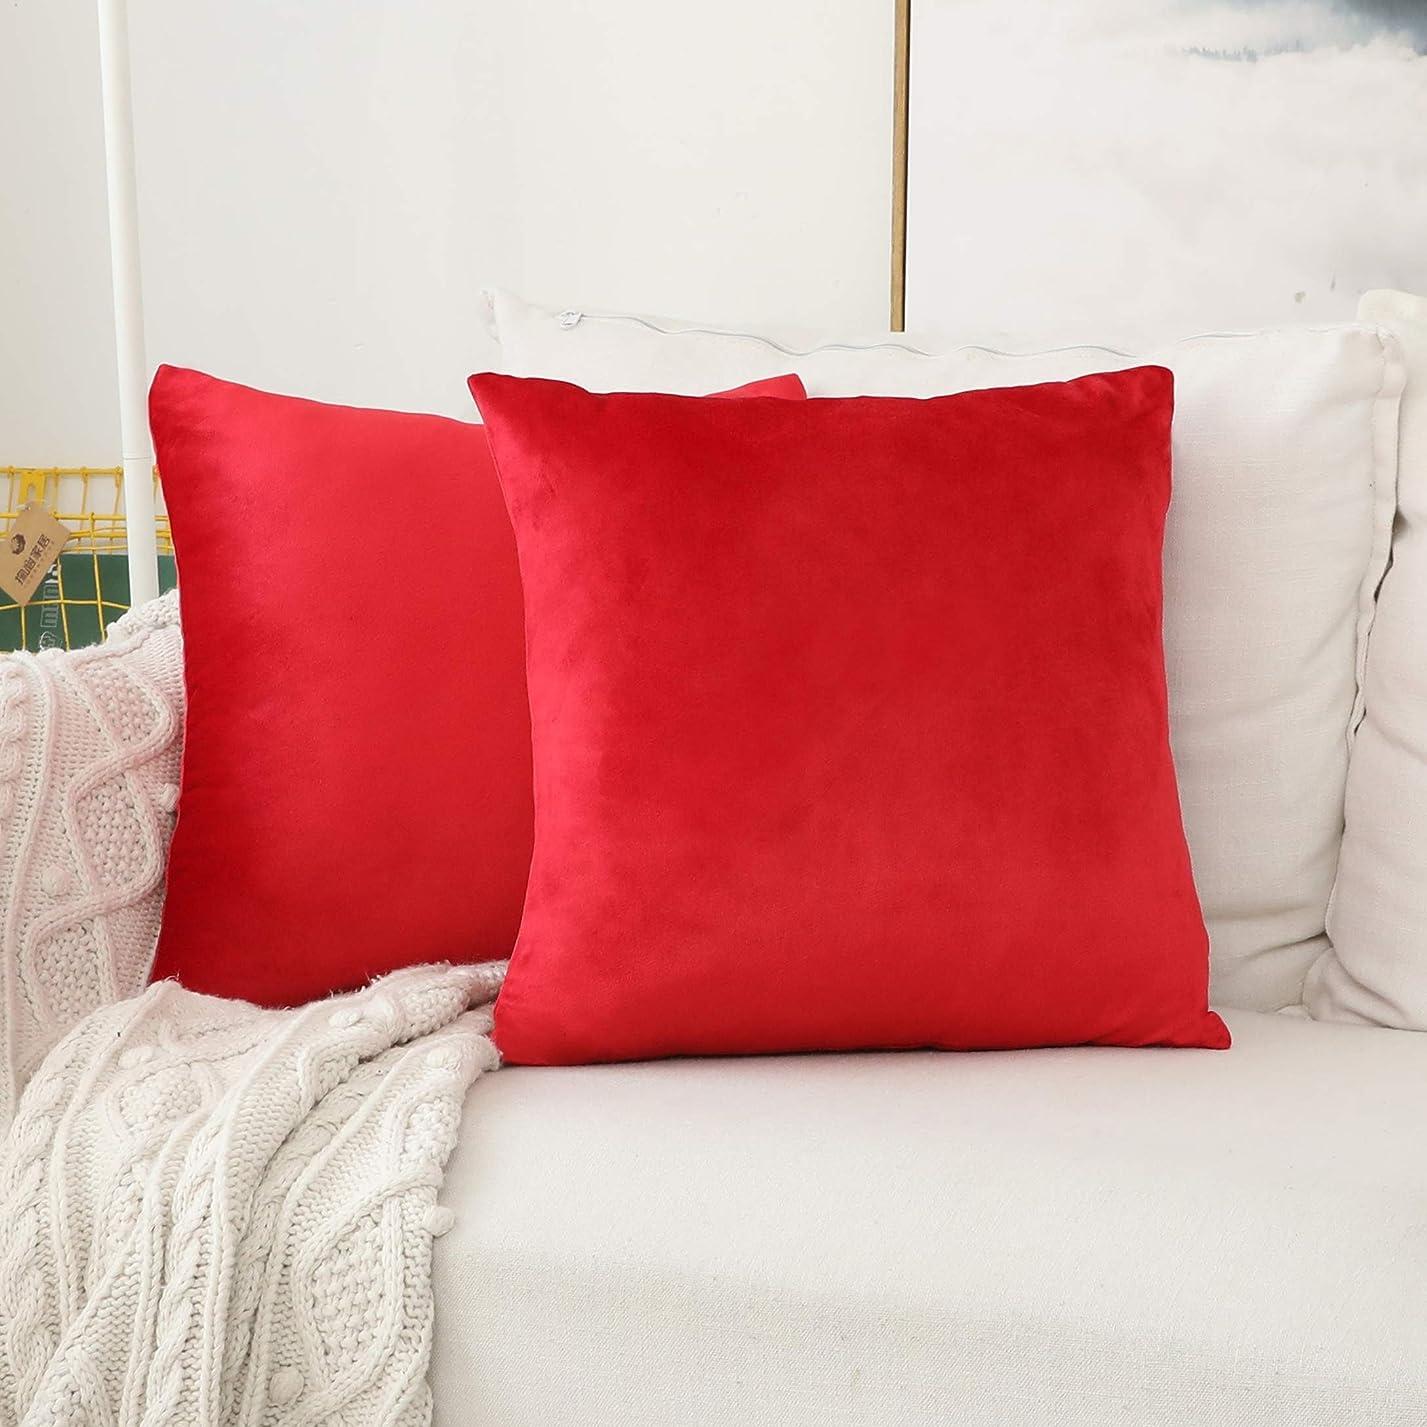 Home Brilliant 抱き枕カバー 抱き枕 暖かい純色 ベルベット 2枚セット シンプル 洋室 装飾 部屋 レッド 18インチ